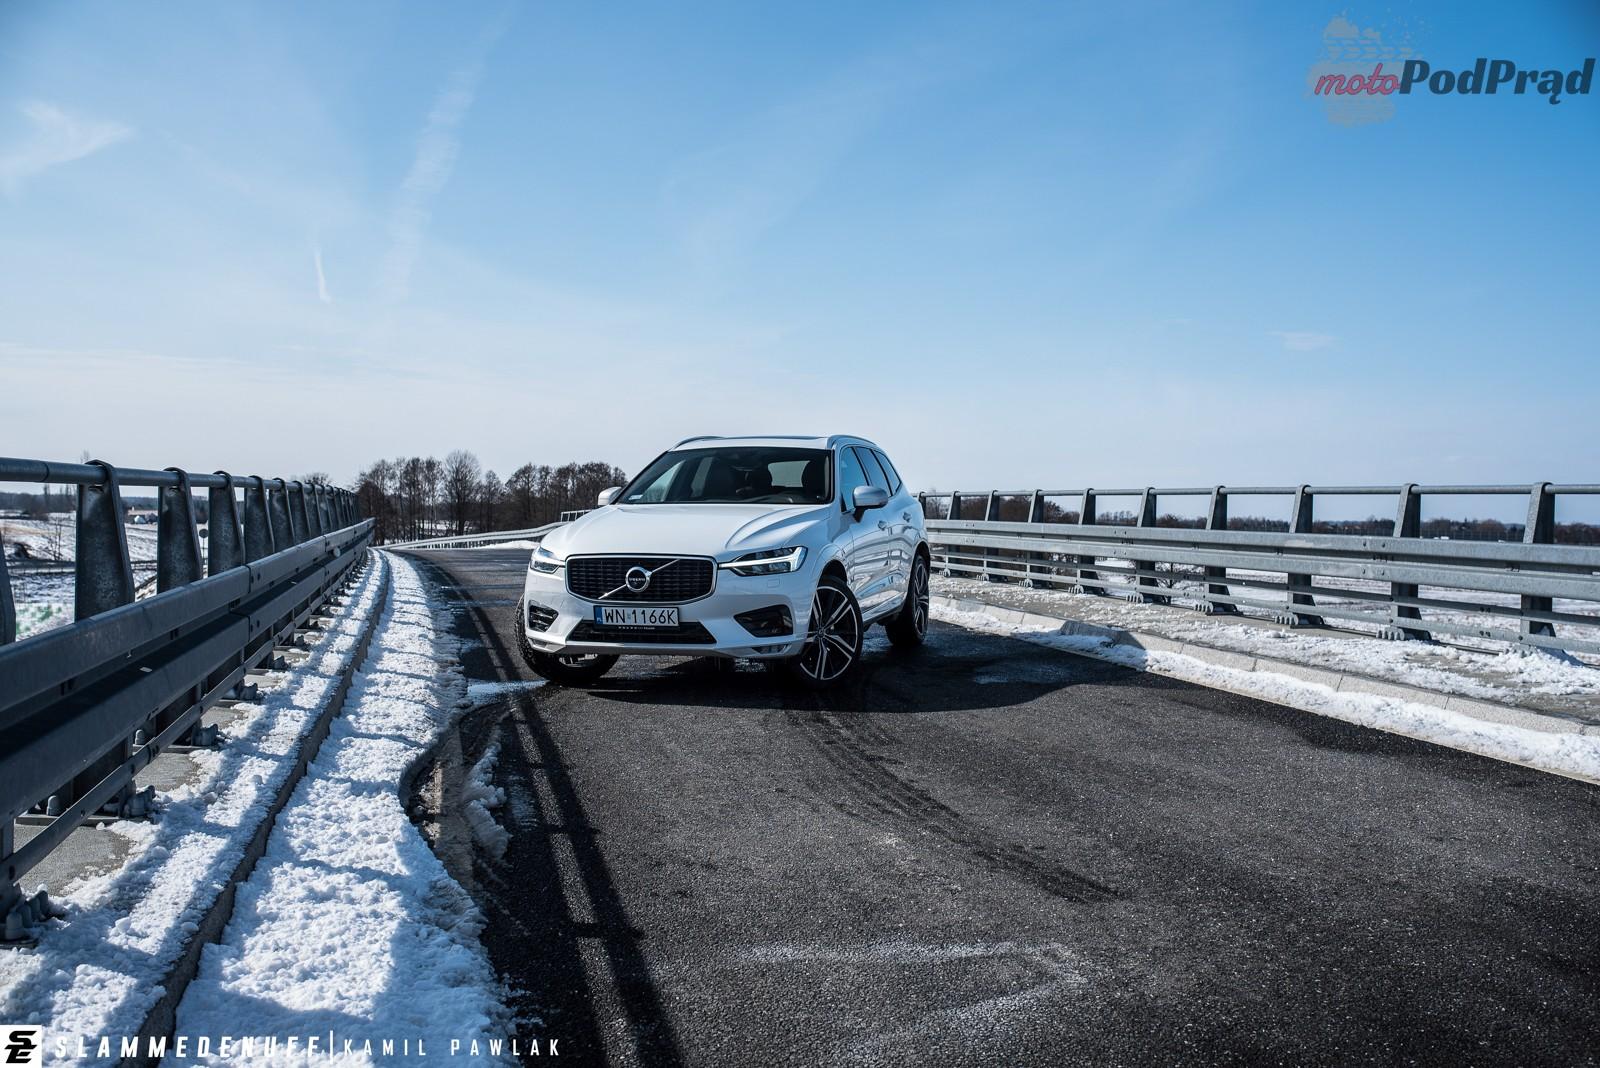 DSC1386 Test: Volvo XC60 T6 AWD R Design   rozdwojenie jaźni